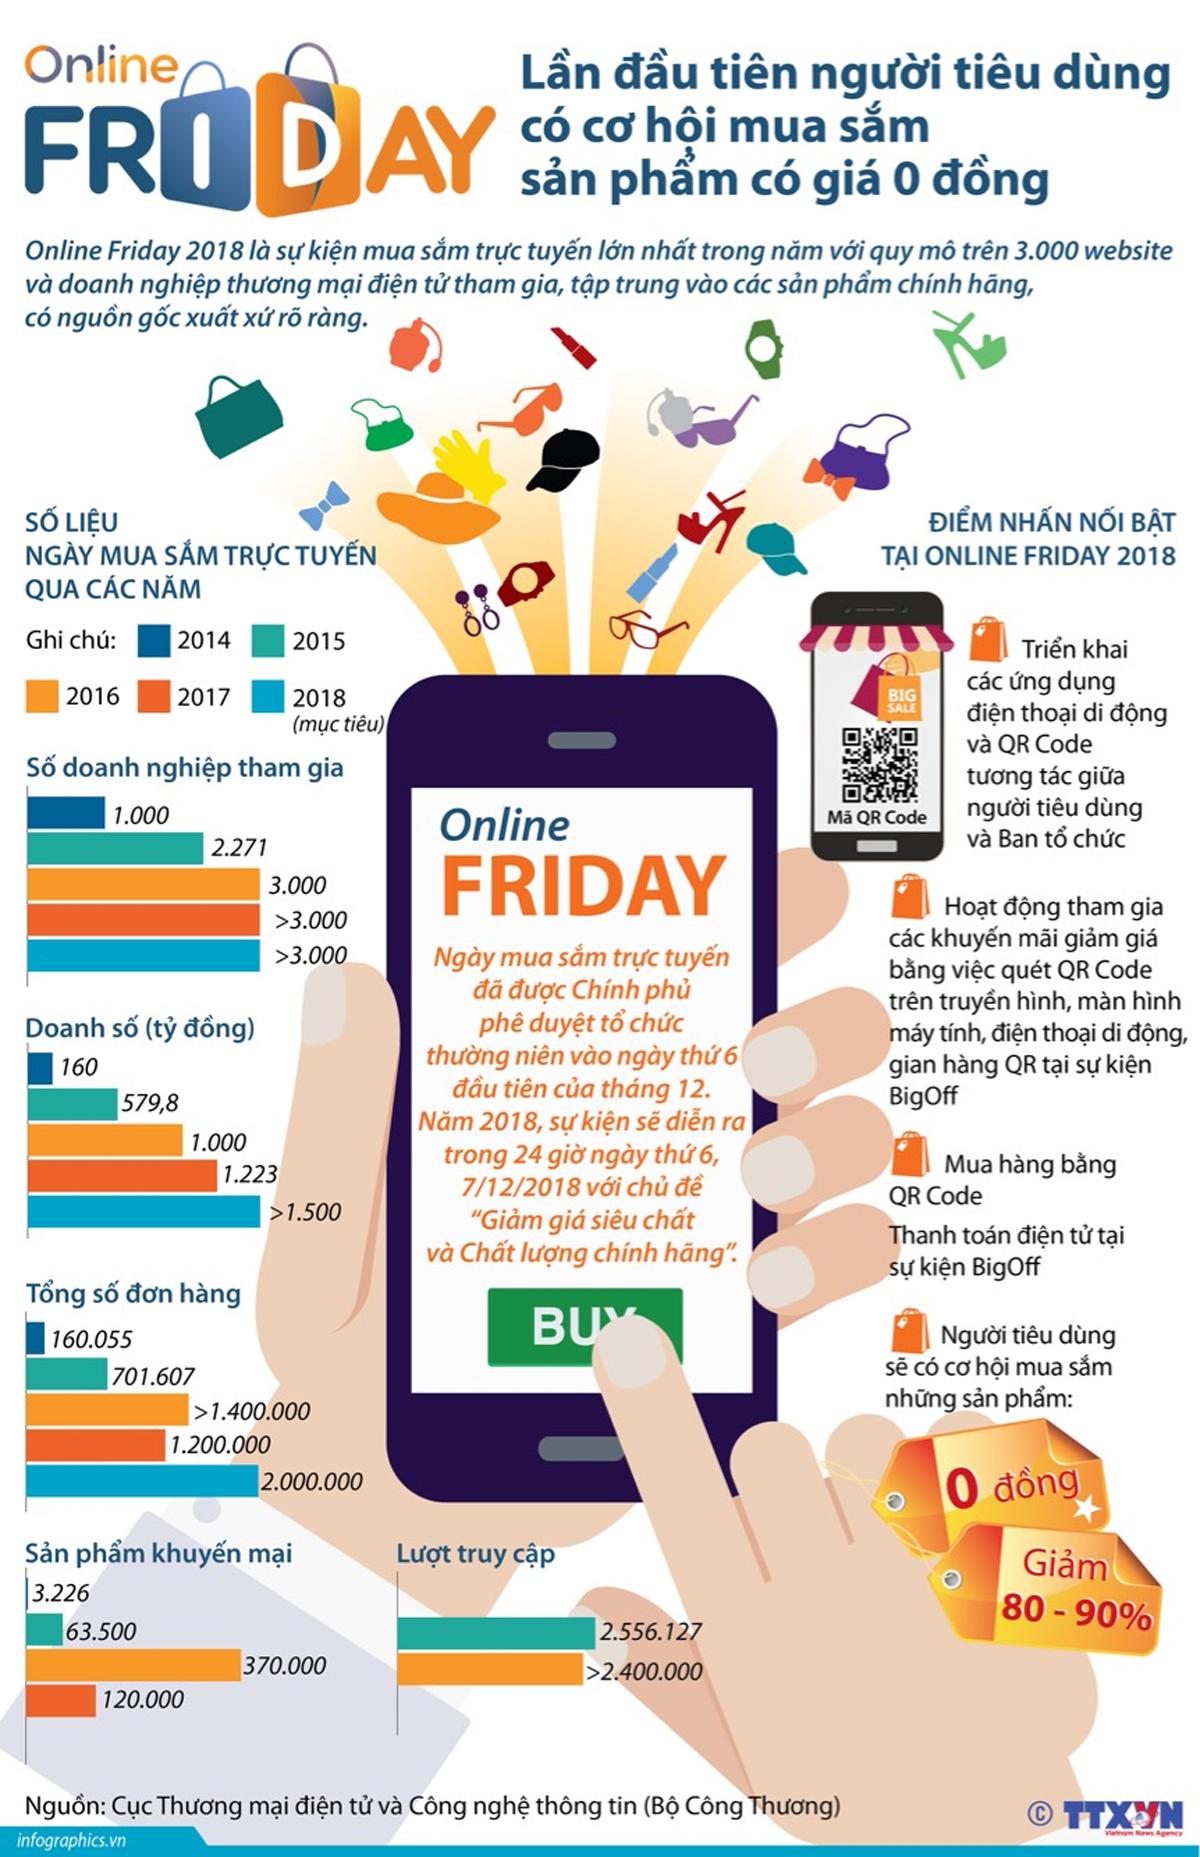 online friday, cơ hội mua sắm, sự kiện mua sắm, thương mại điện tử, sản phẩm chính hãng, nguồn gốc xuất xứ